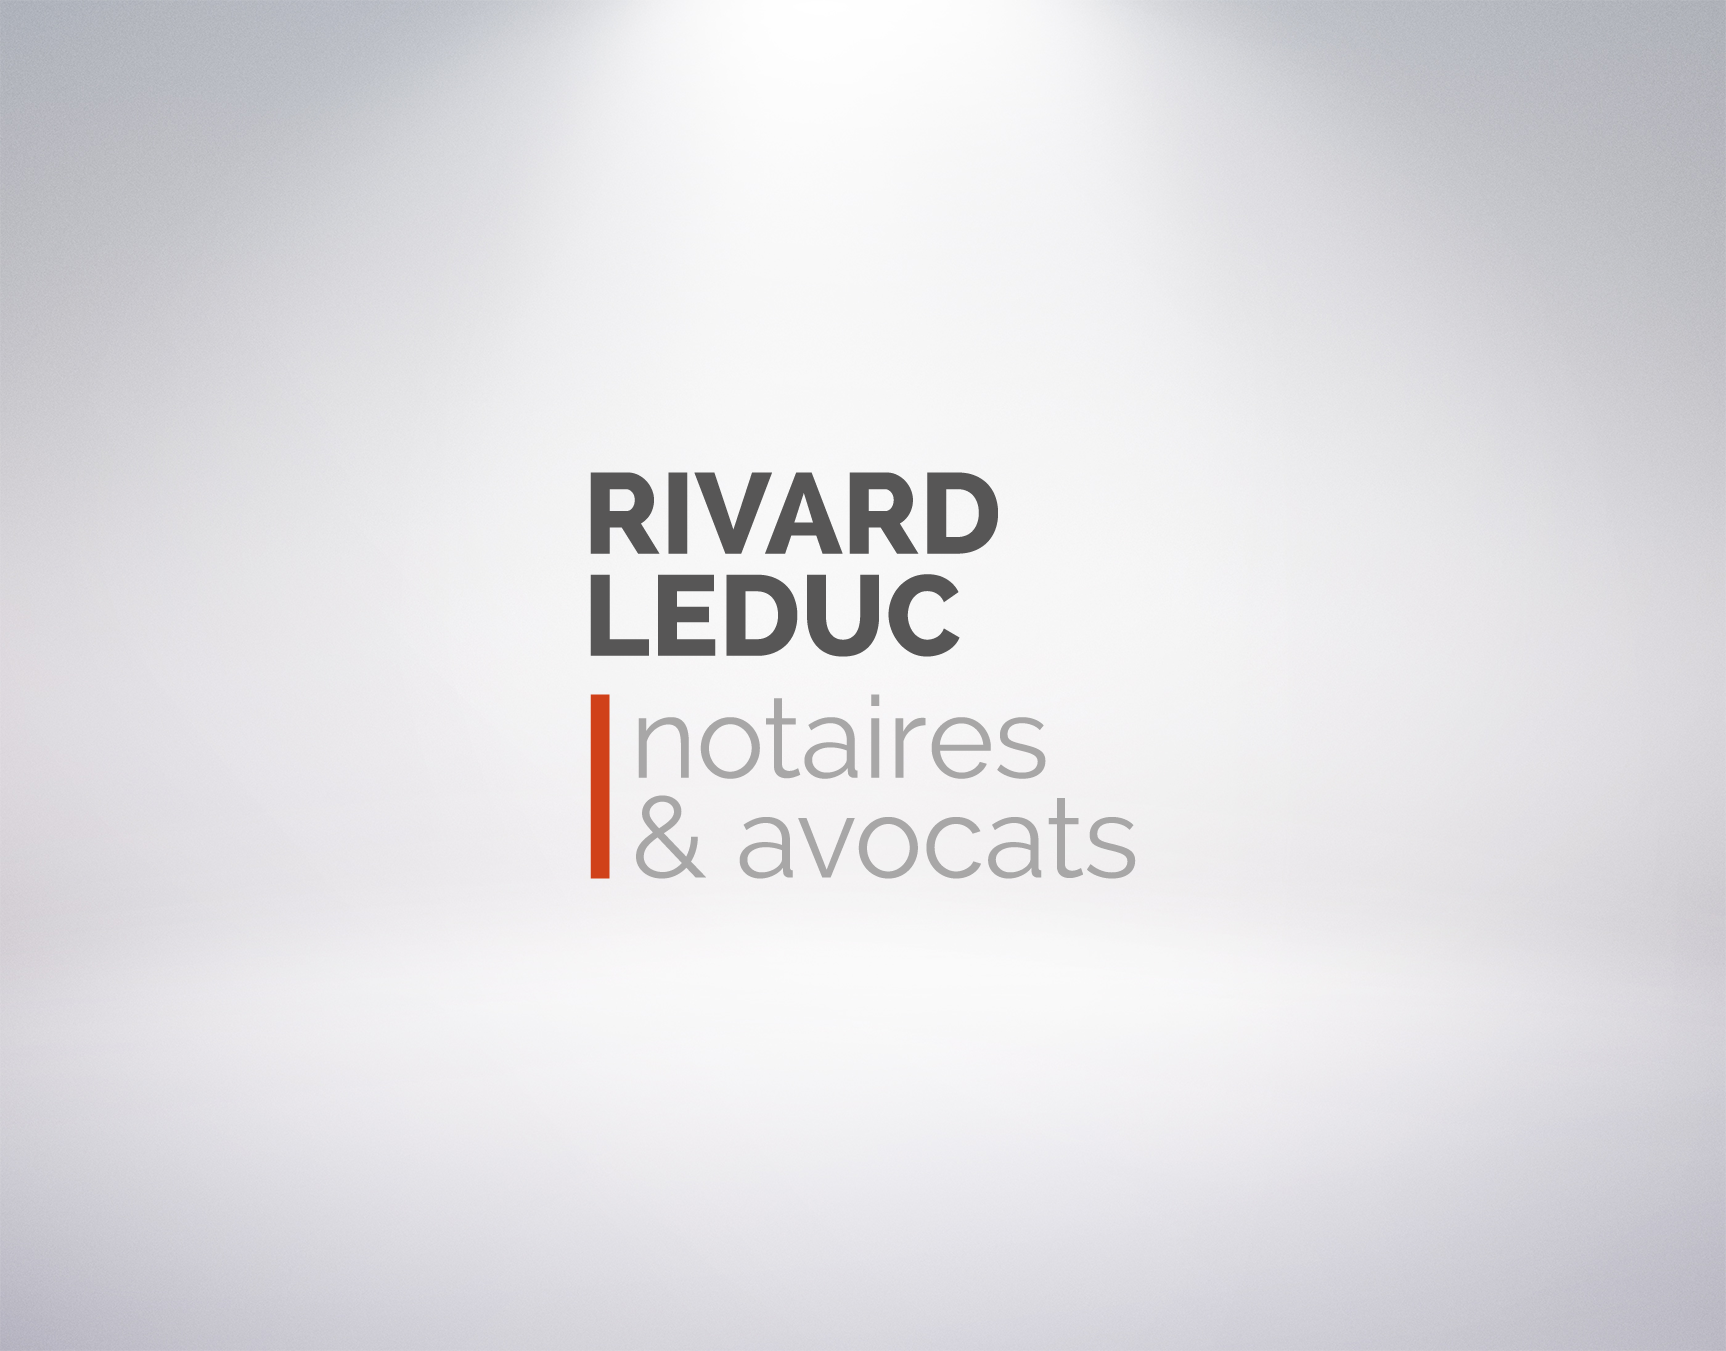 Logo pour Rivard Leduc, notaire et avocats